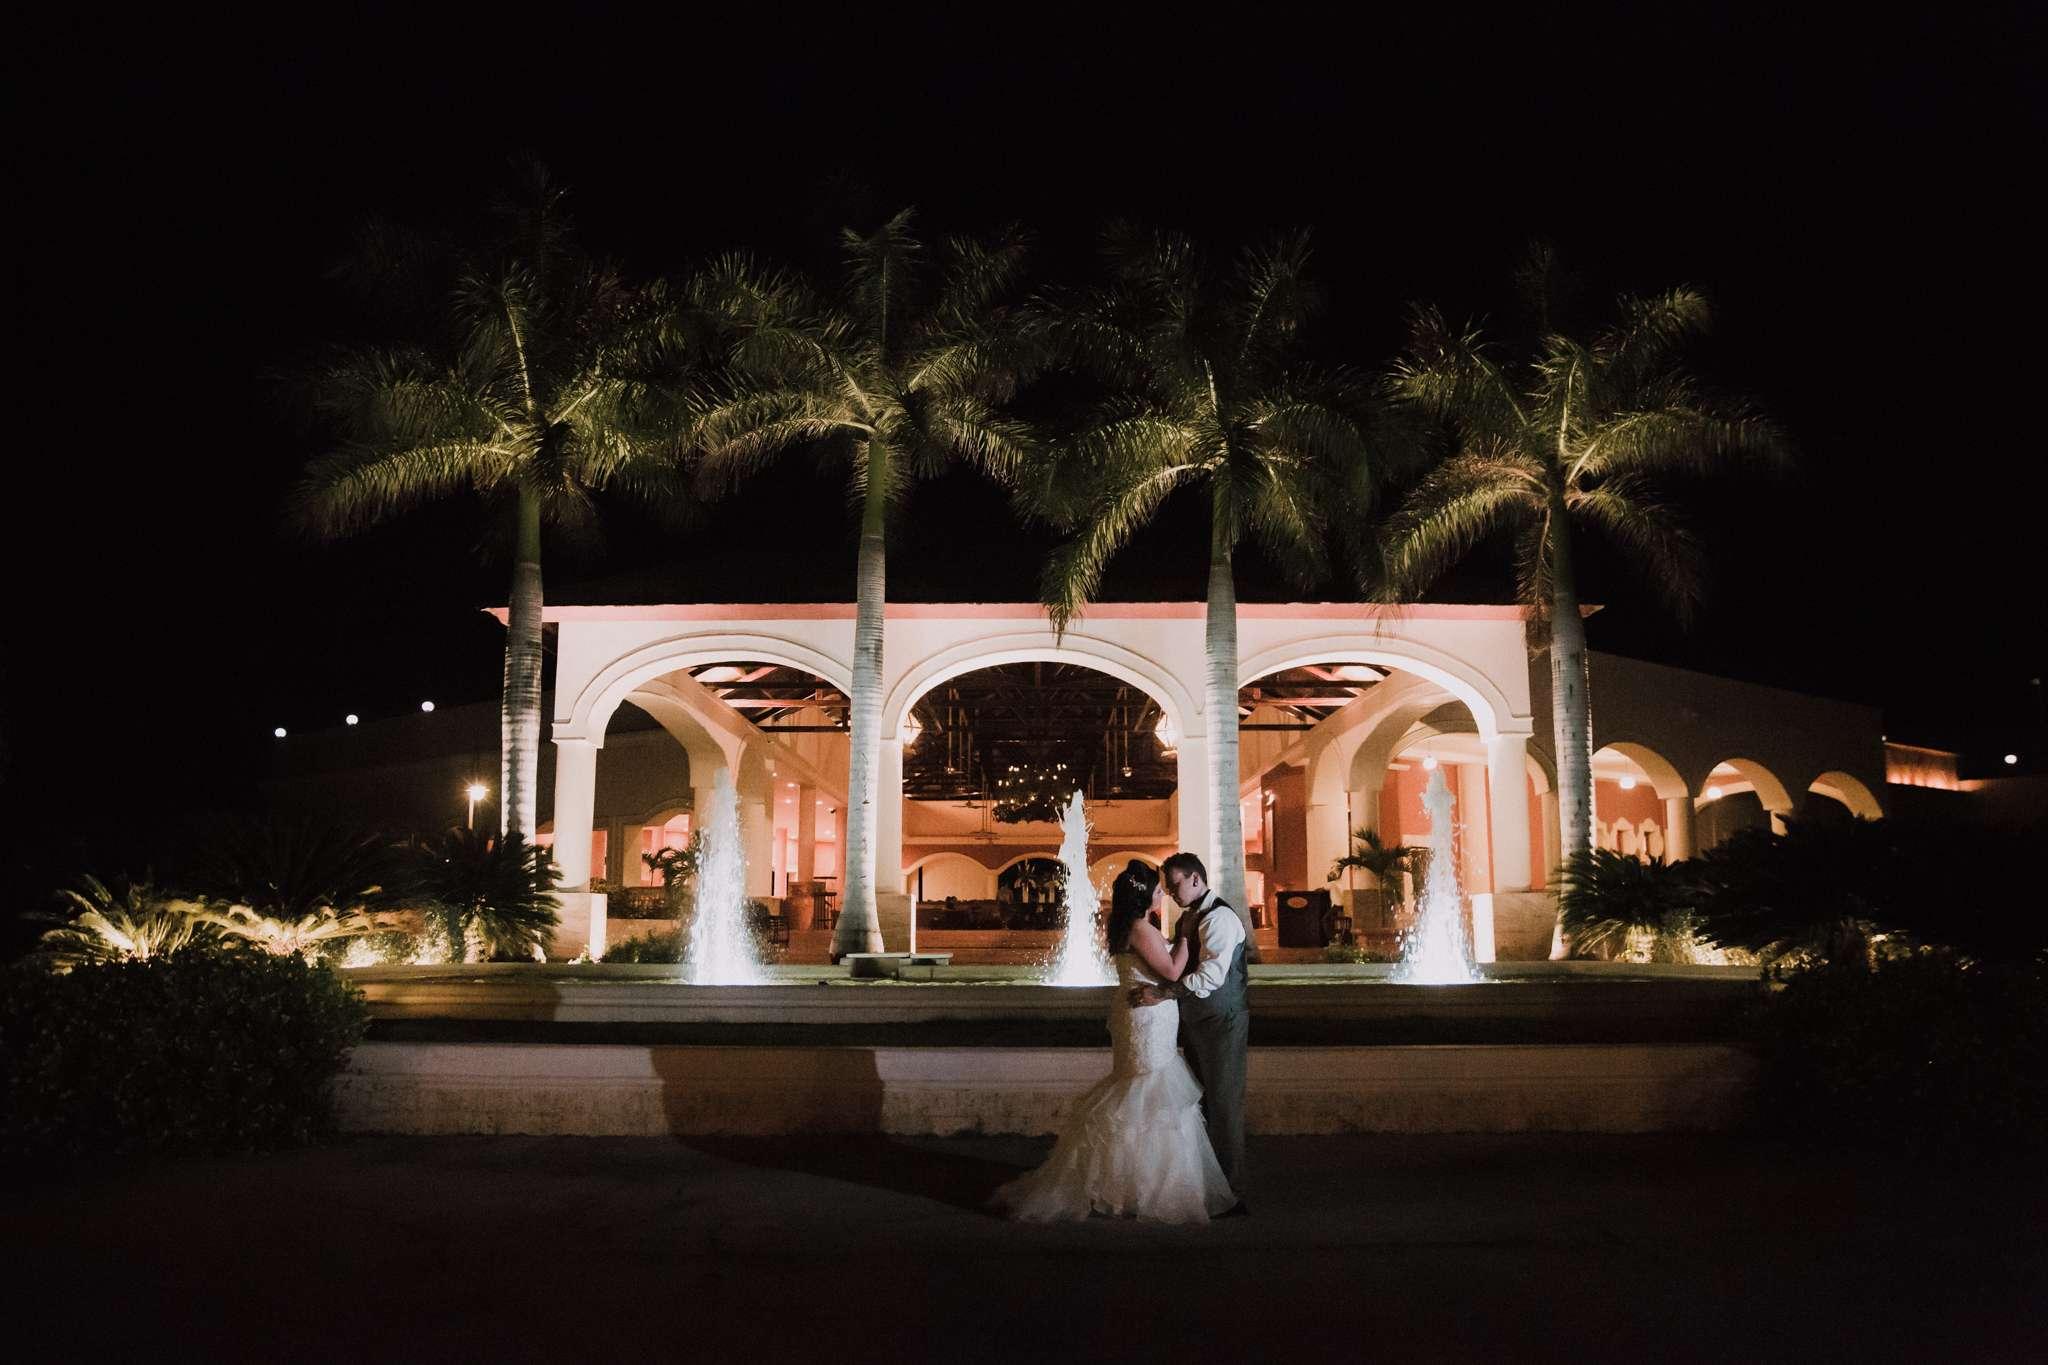 destination wedding, destination wedding photographer, elopement photographer, elopement packages